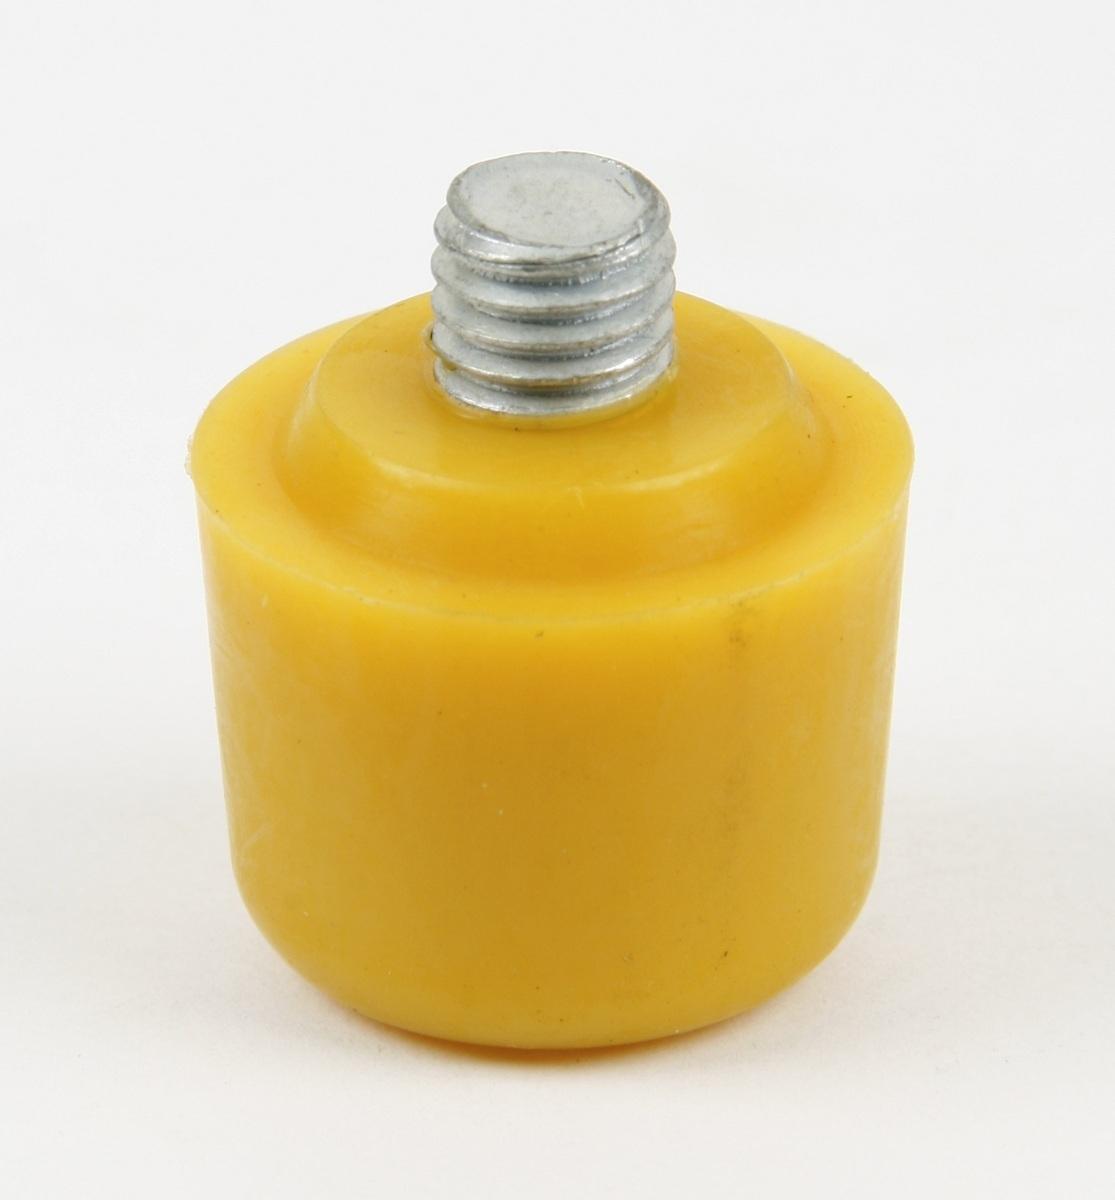 Náhradní výměnná hlava paličky M2960 - polyuretanová žlutá - JONNESWAY M2960-T2